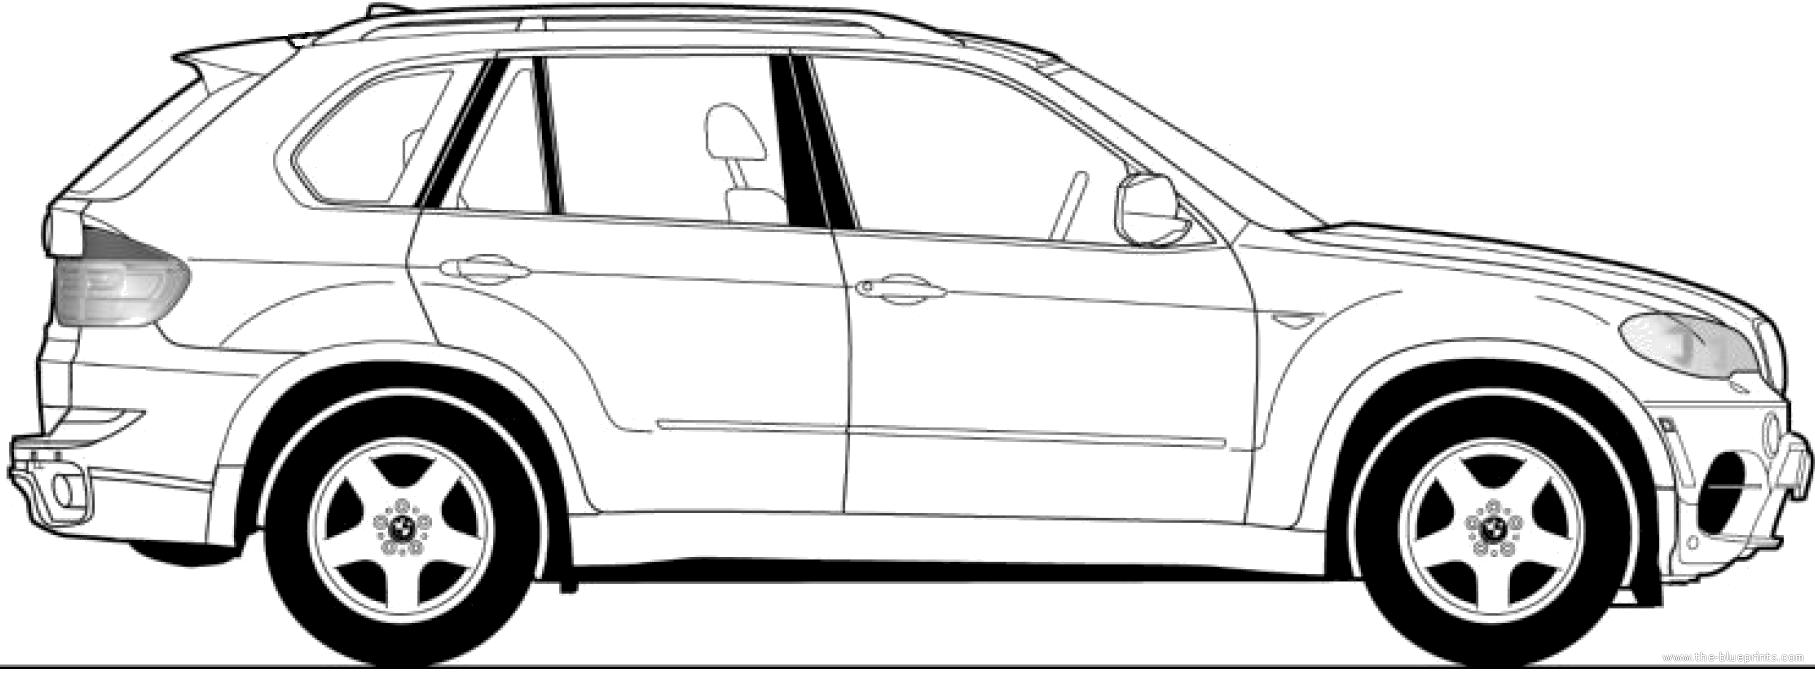 The Blueprints Com Blueprints Gt Cars Gt Bmw Gt Bmw X5 E70